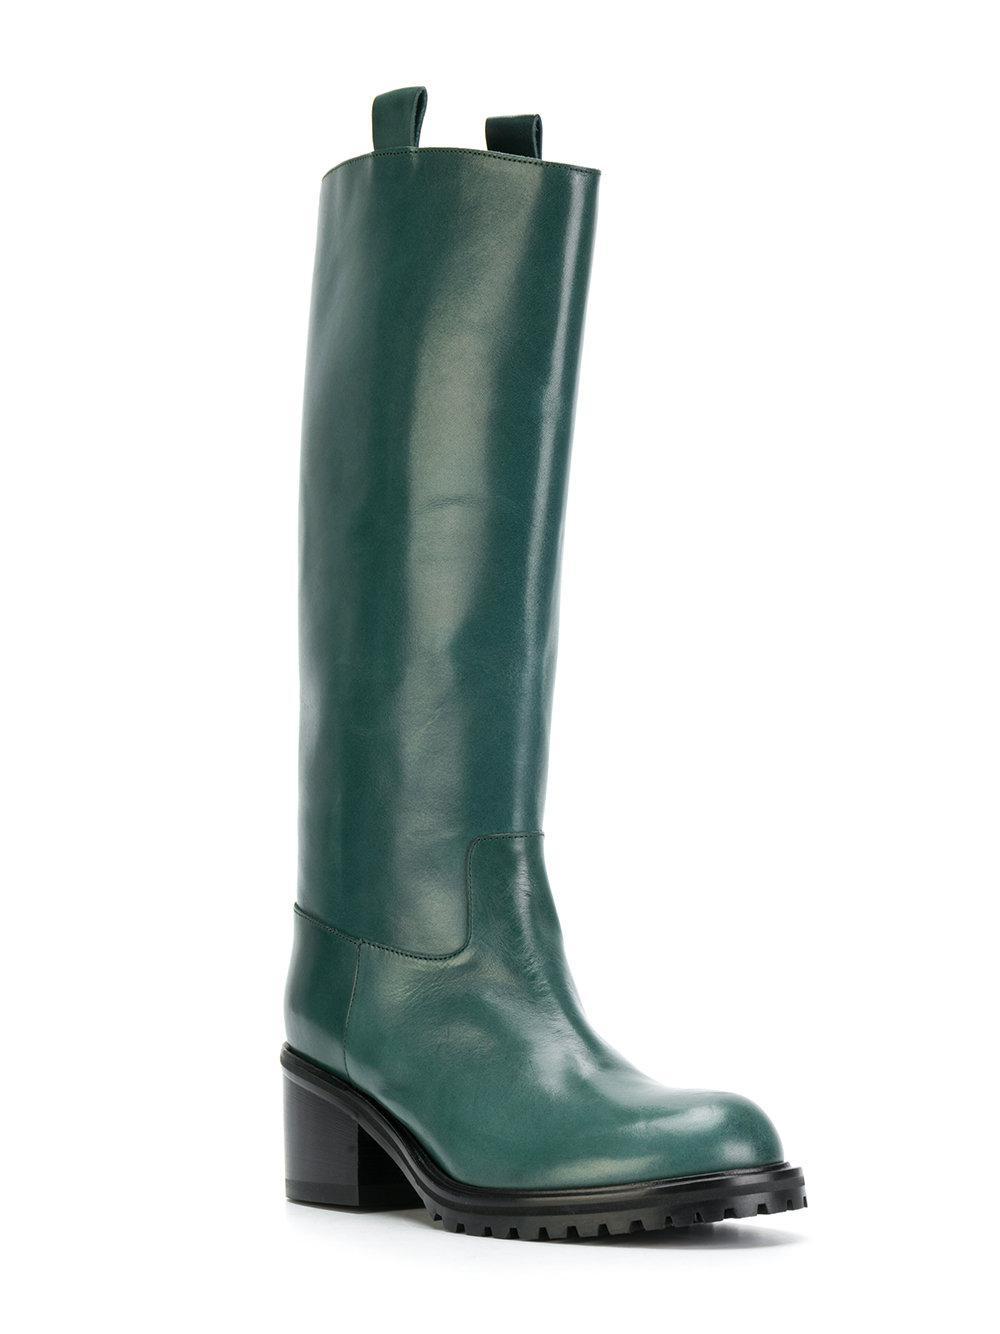 Lyst - A.F.Vandevorst Stivali Per La Pioggia in Green ebc89f462a1